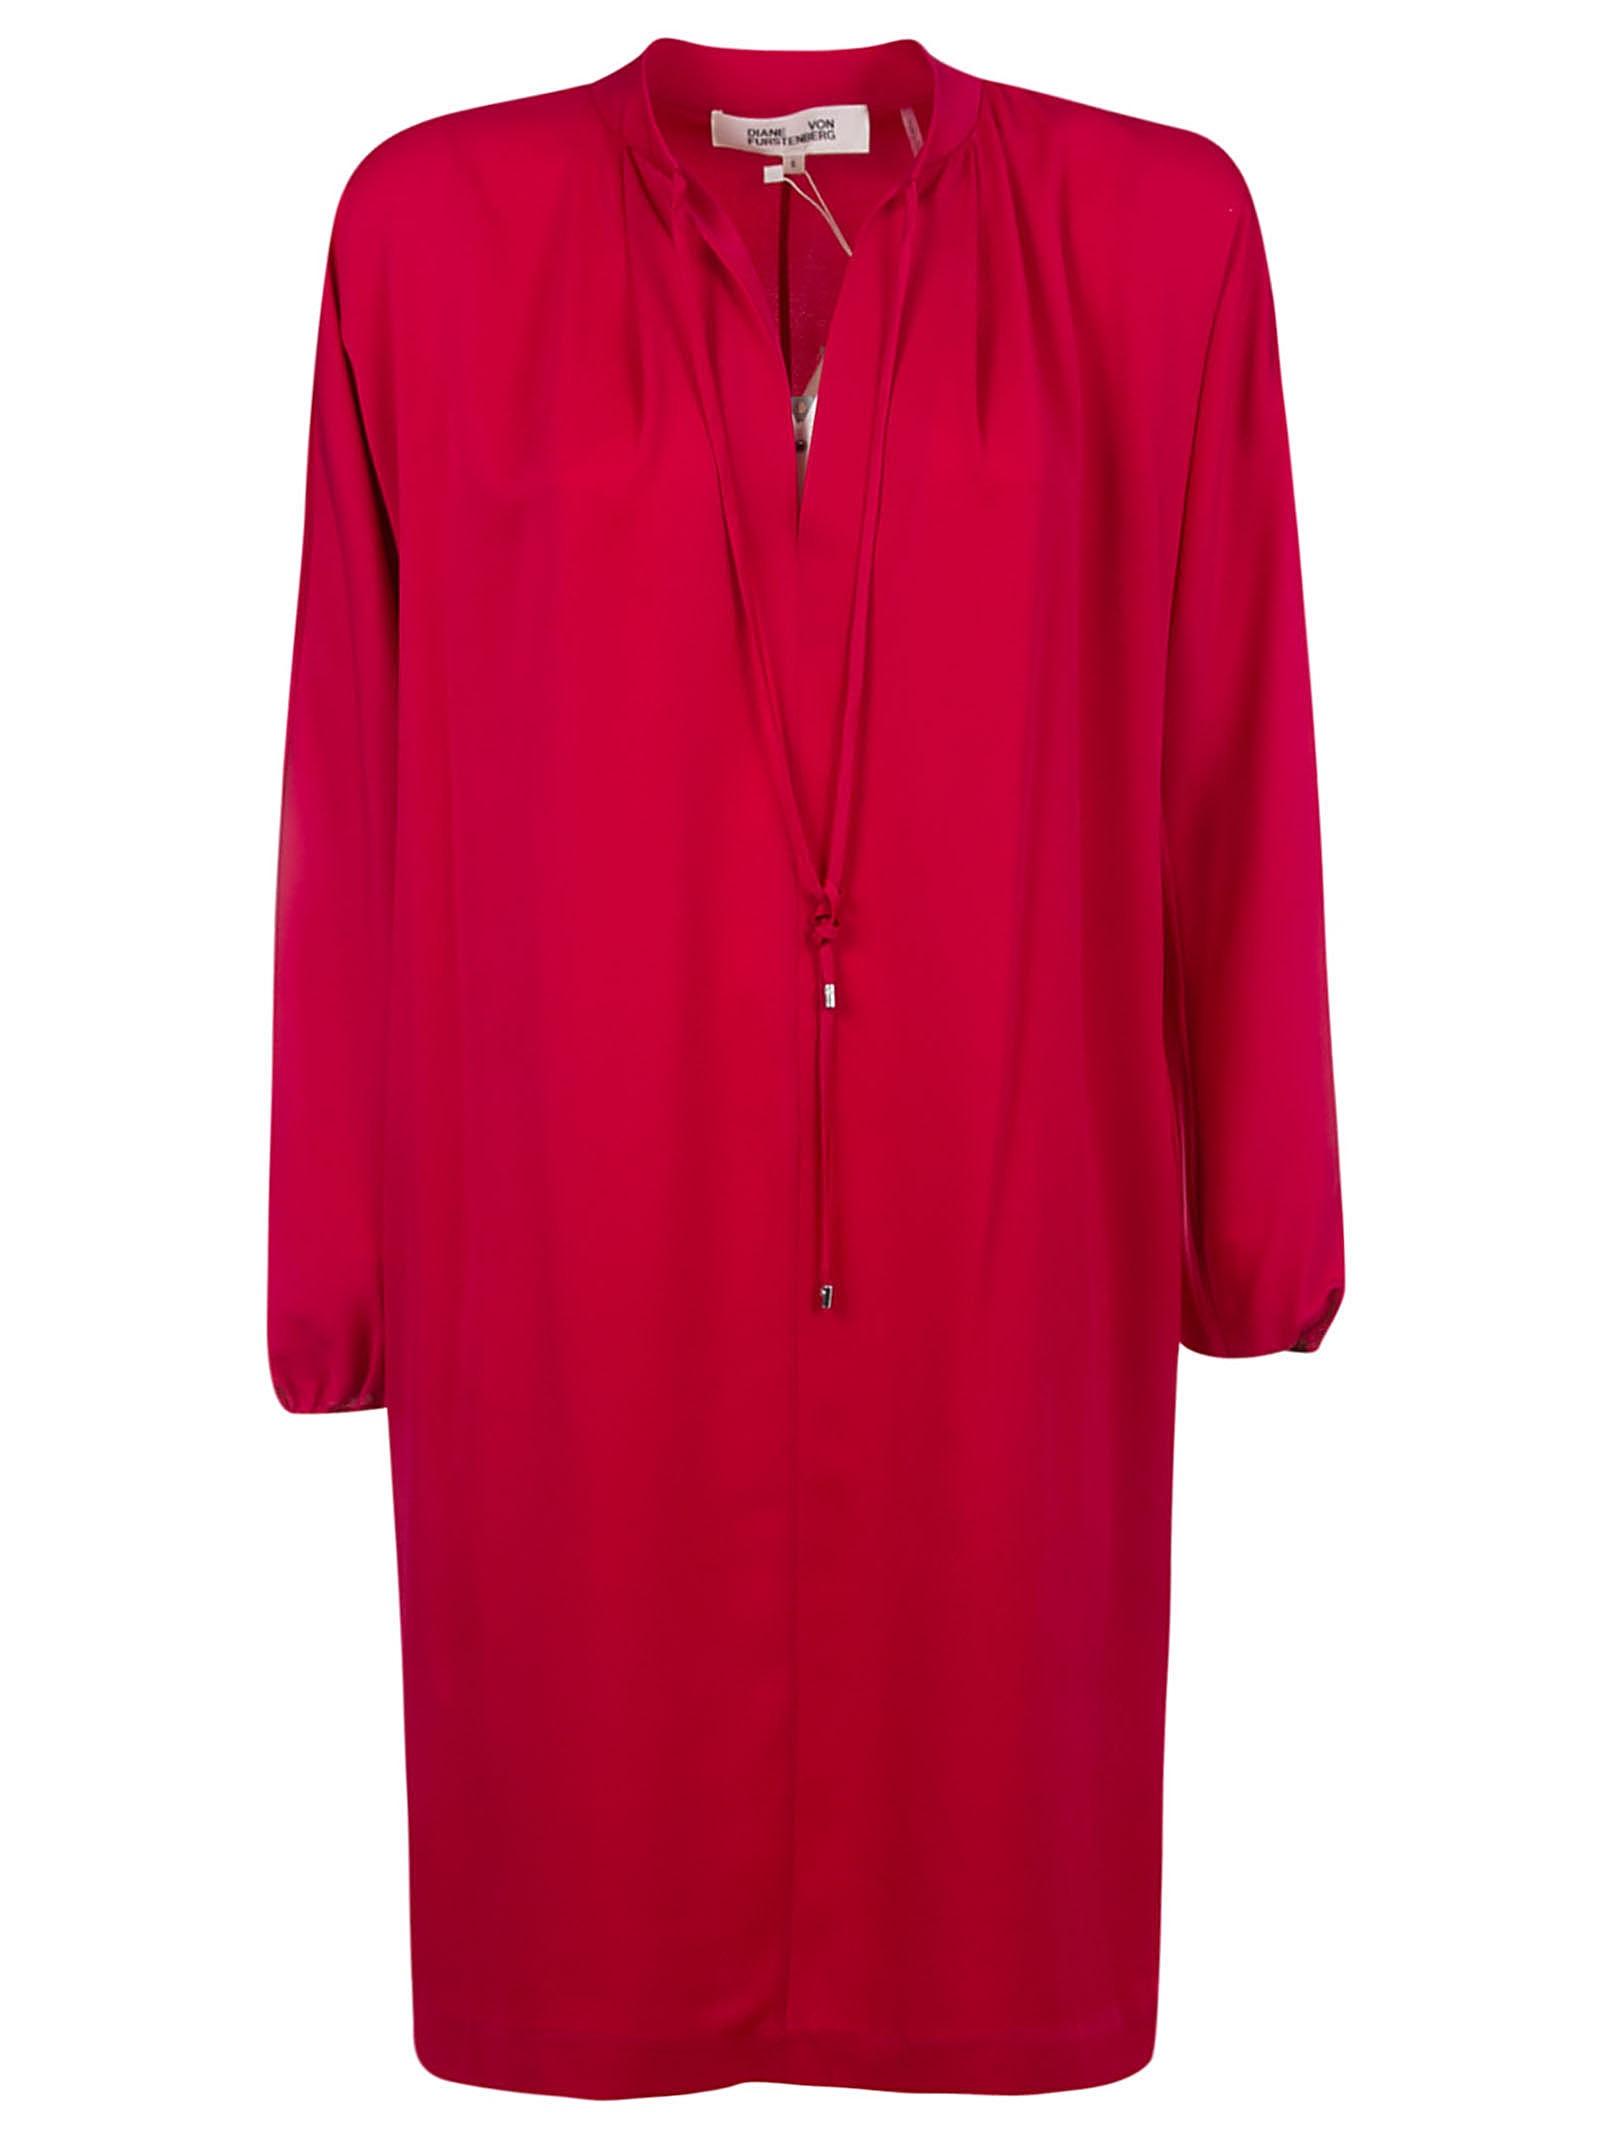 Buy Diane Von Furstenberg Classic V-neck Dress online, shop Diane Von Furstenberg with free shipping